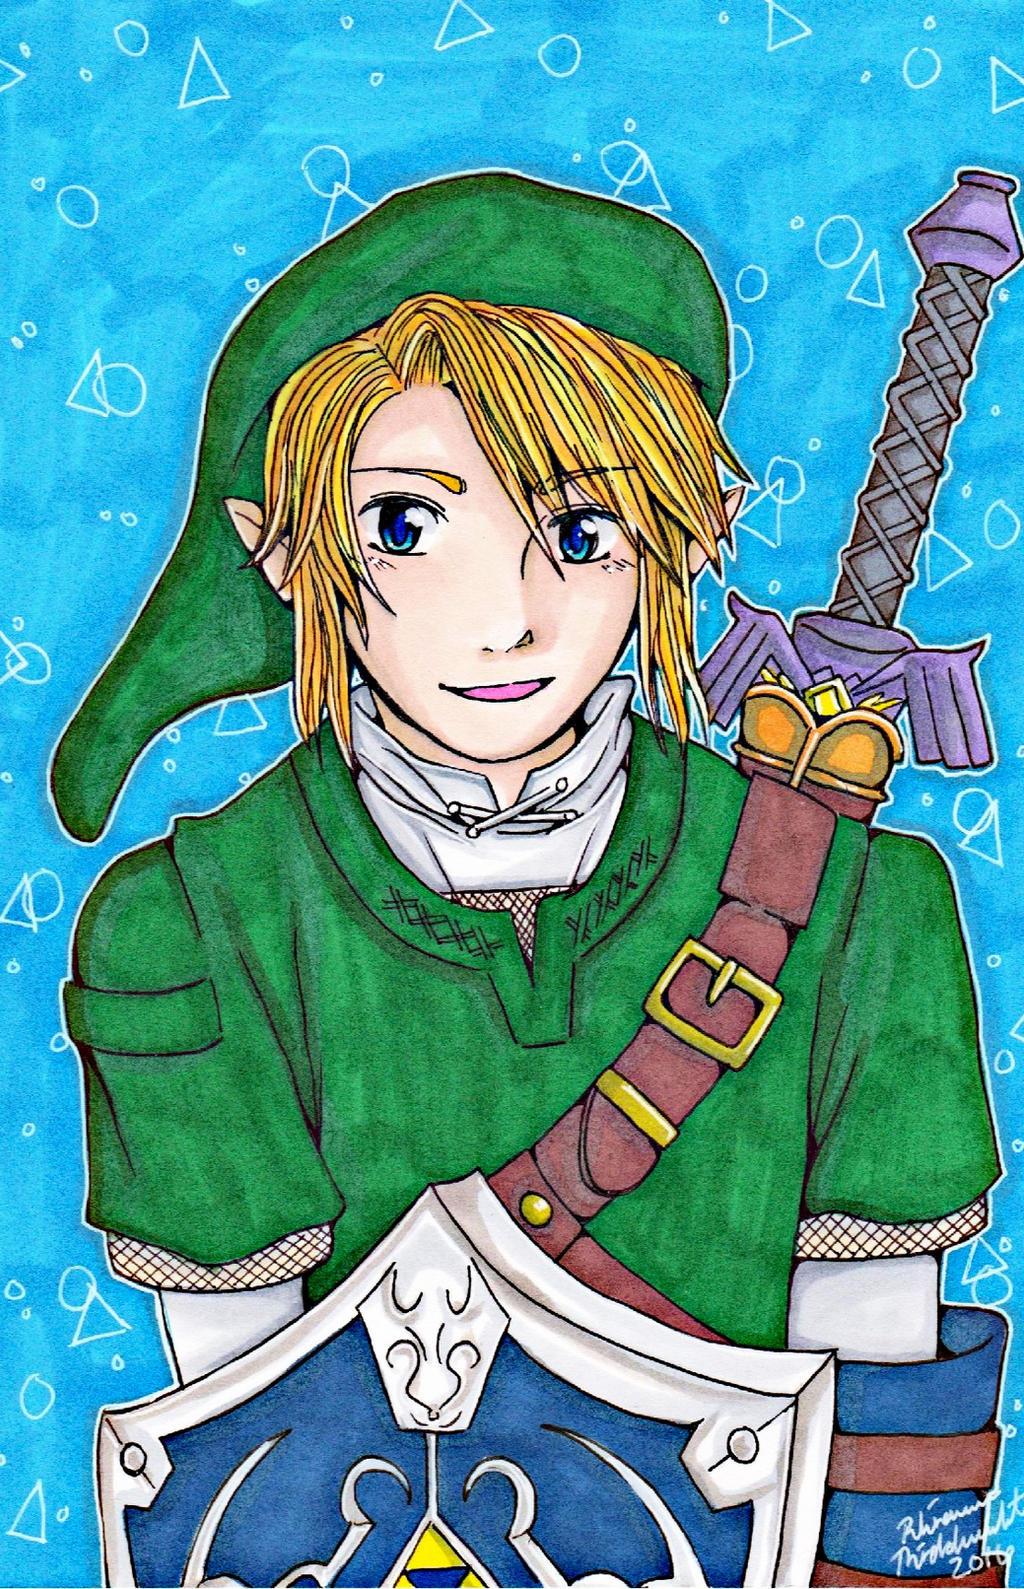 Legend Of Zelda Link Fan Art By Yumbunny101 On Deviantart